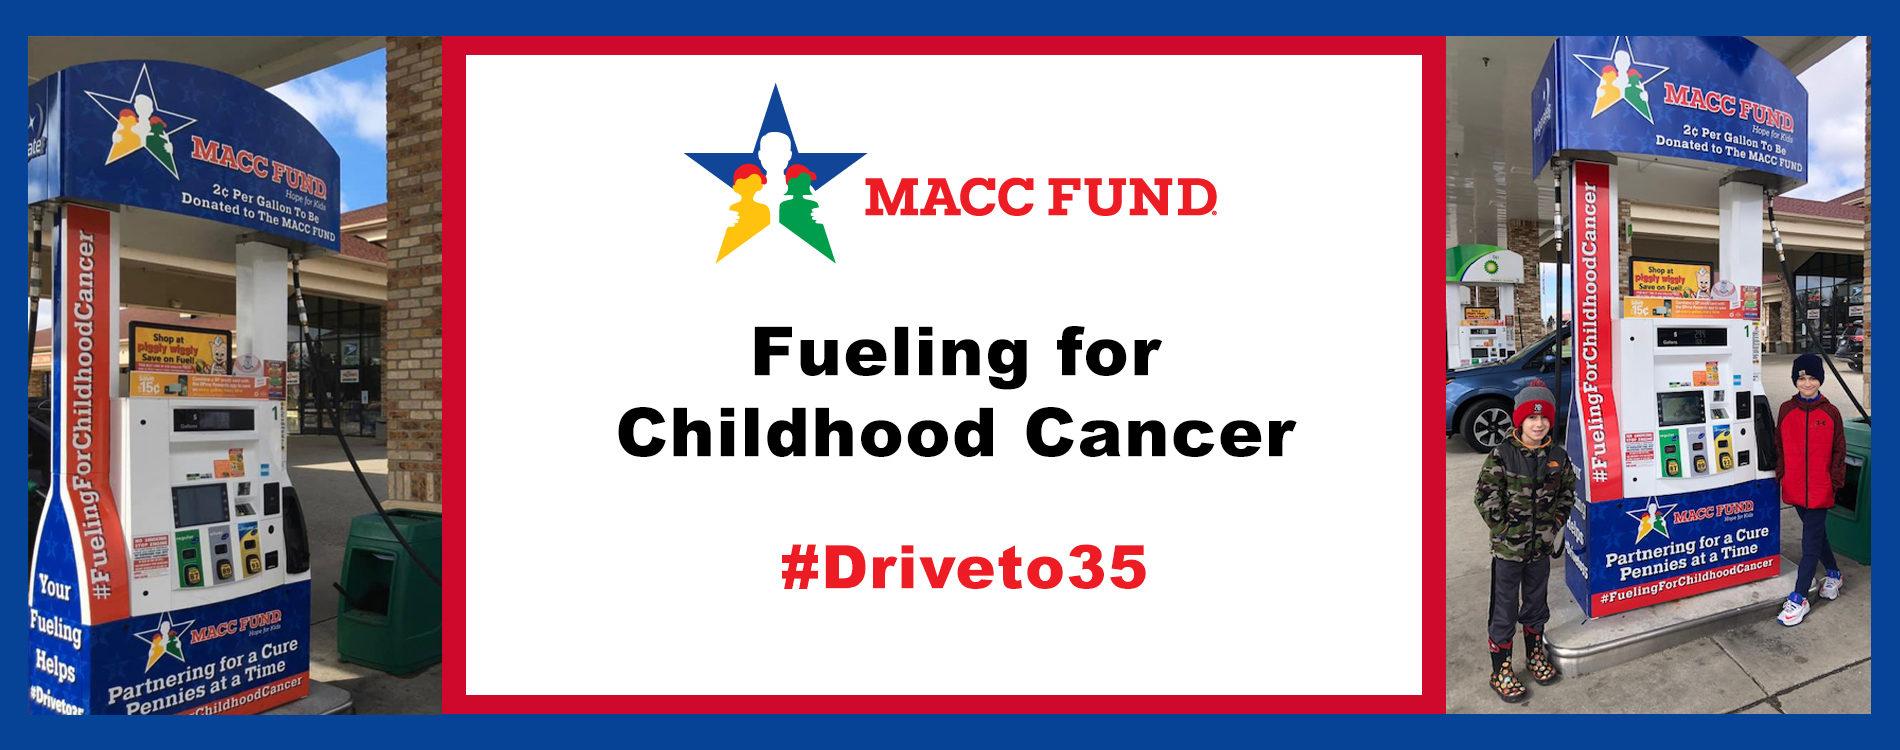 MACC Fund Drive To 35